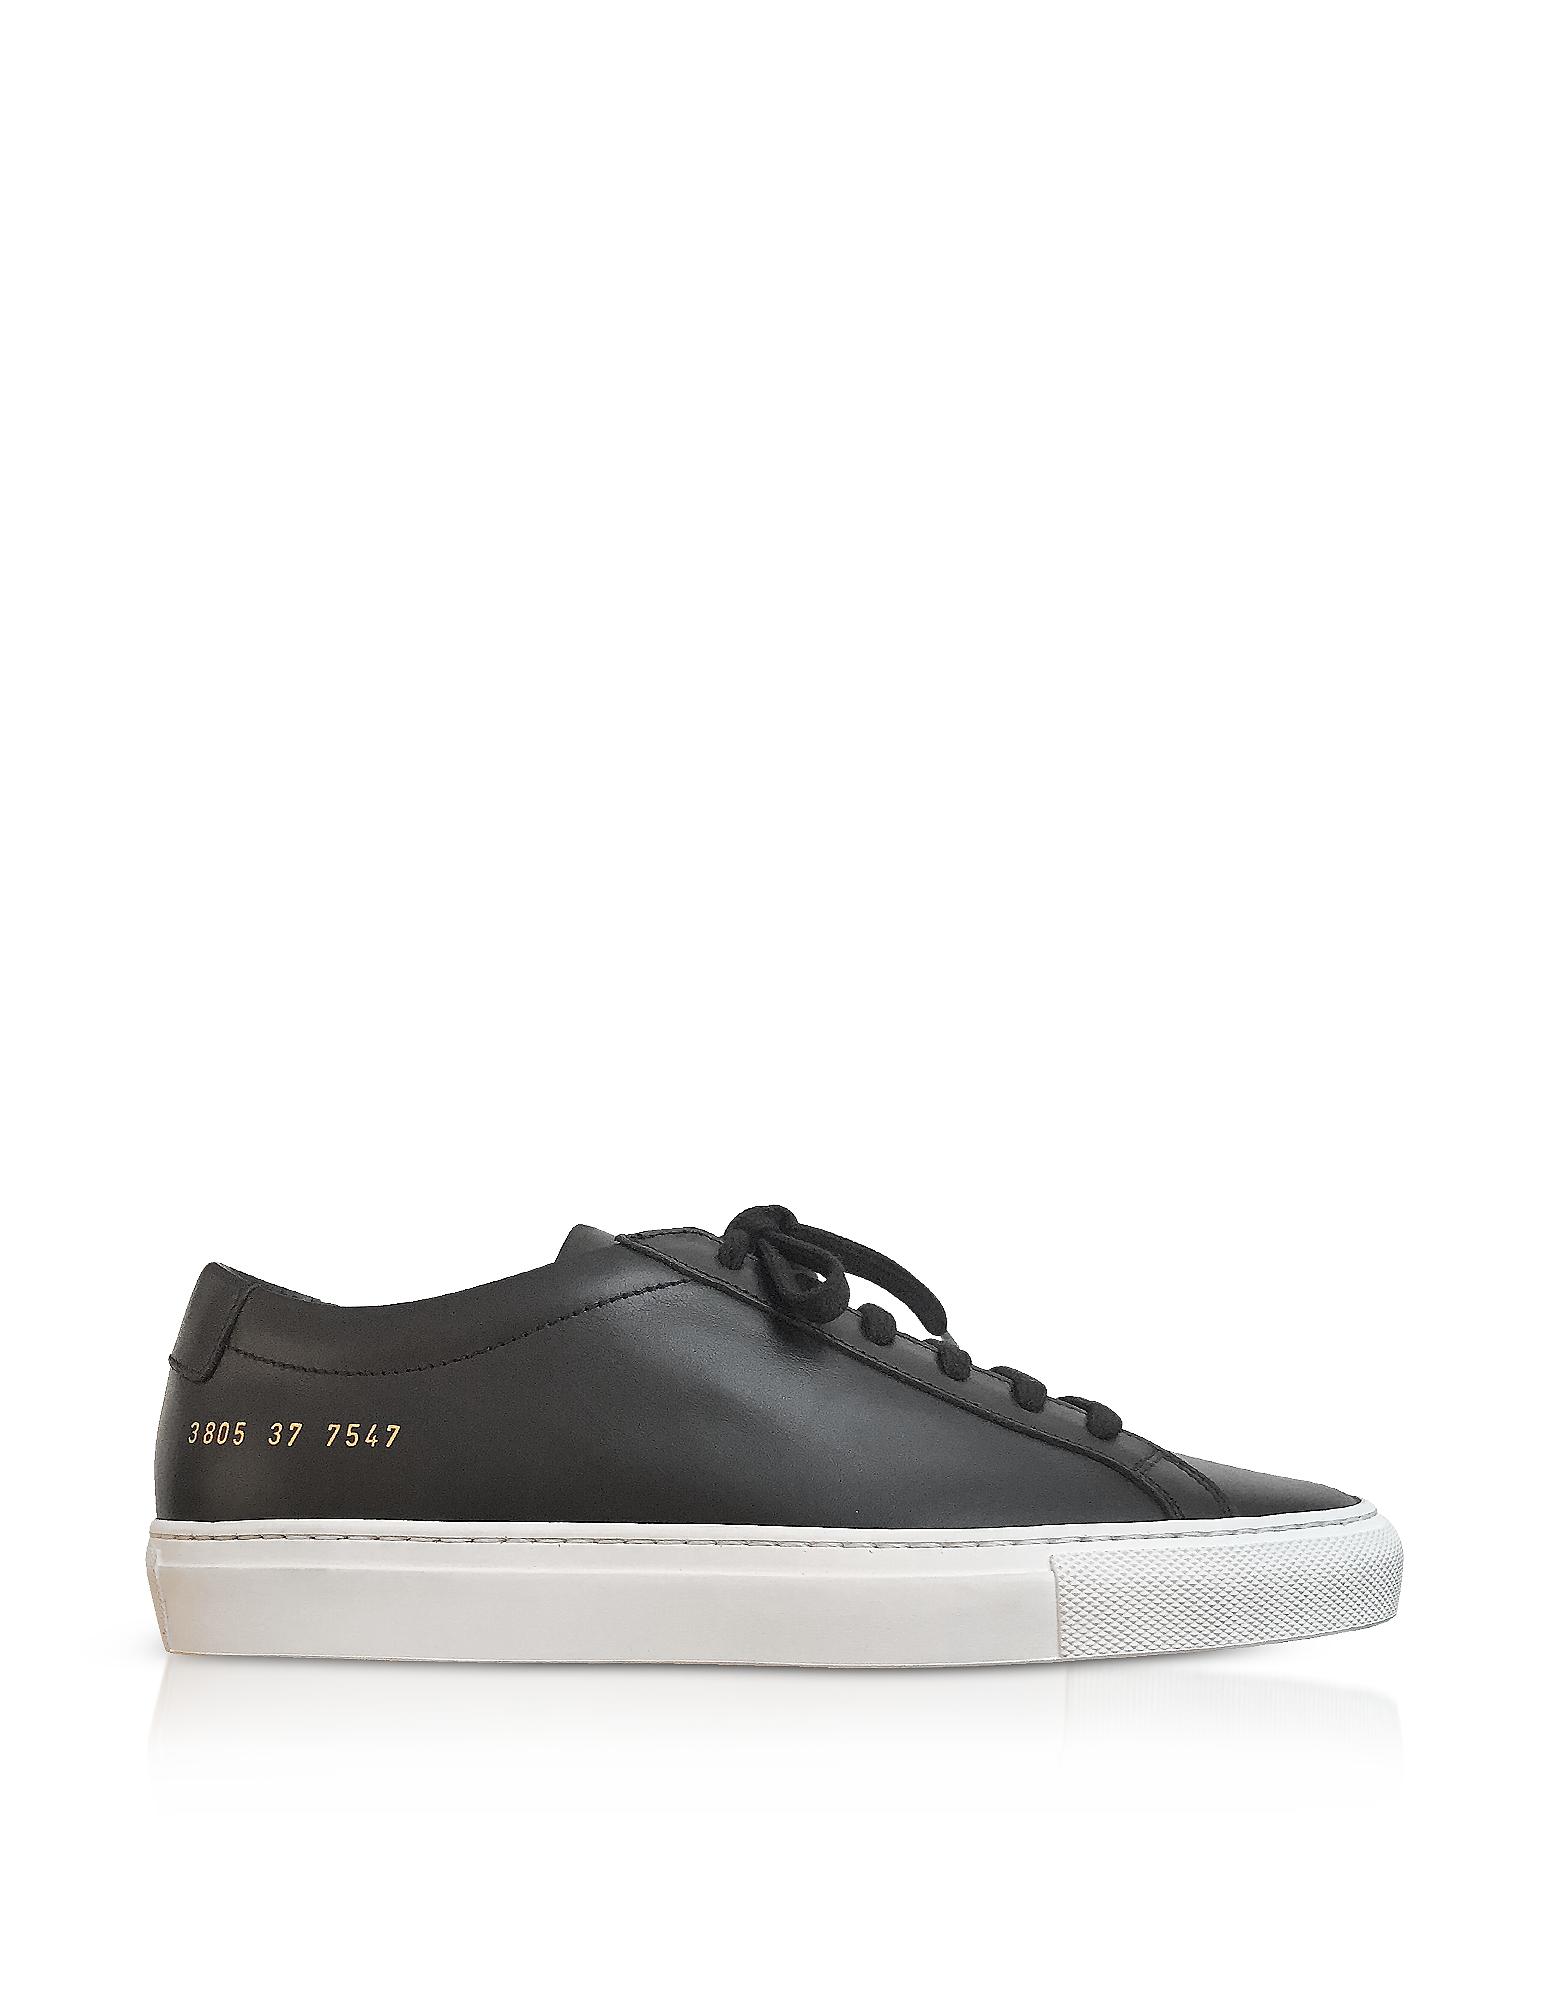 Common Projects Shoes, Black Original Achilles Low Women's Sneakers